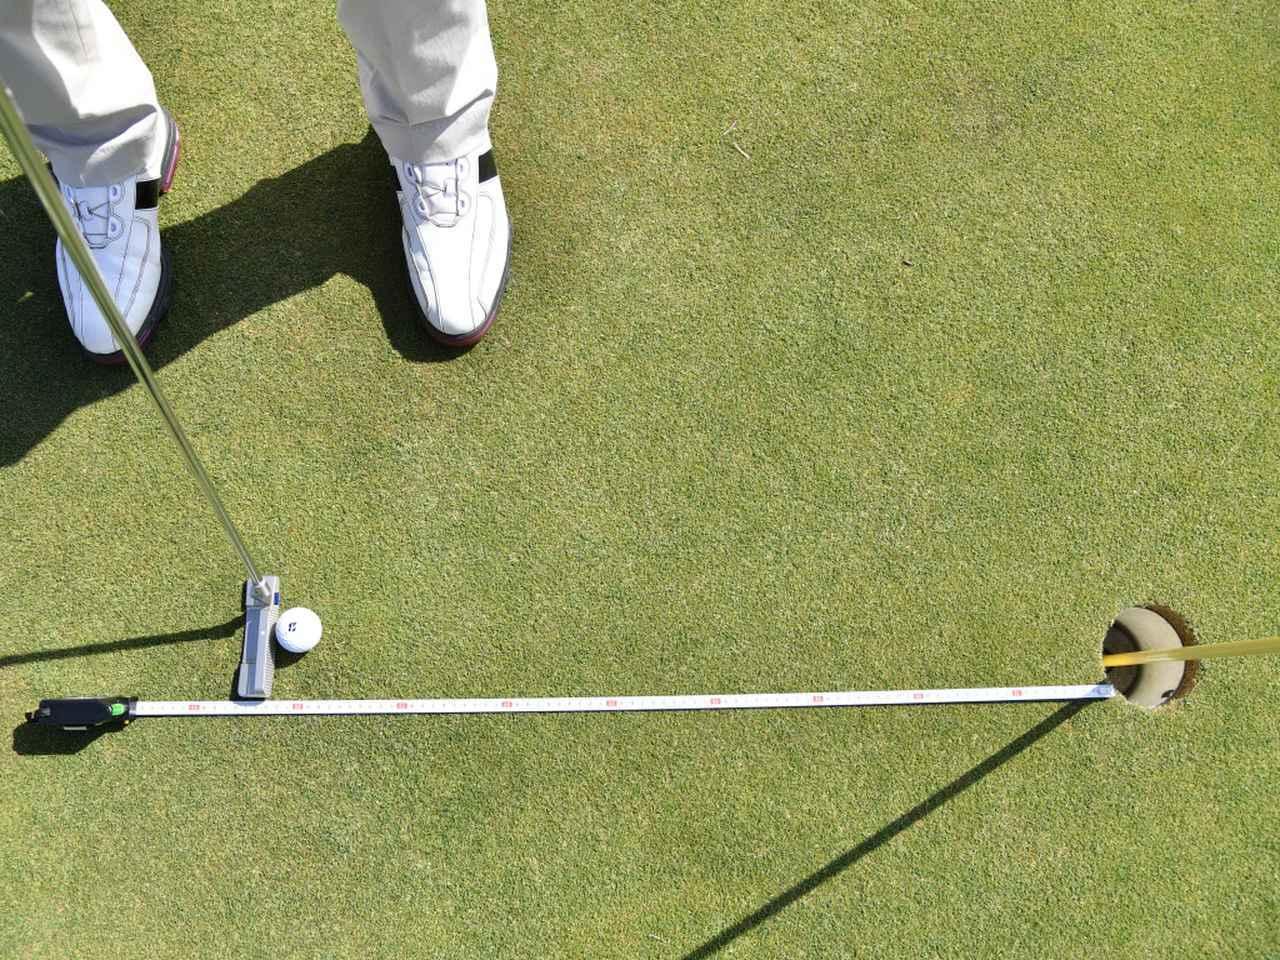 """画像4: 【パット上達】プロゴルファーみたいに""""パチン""""と打ちたいショートパット。「強気に真っすぐ」の境界線は何メートル?"""